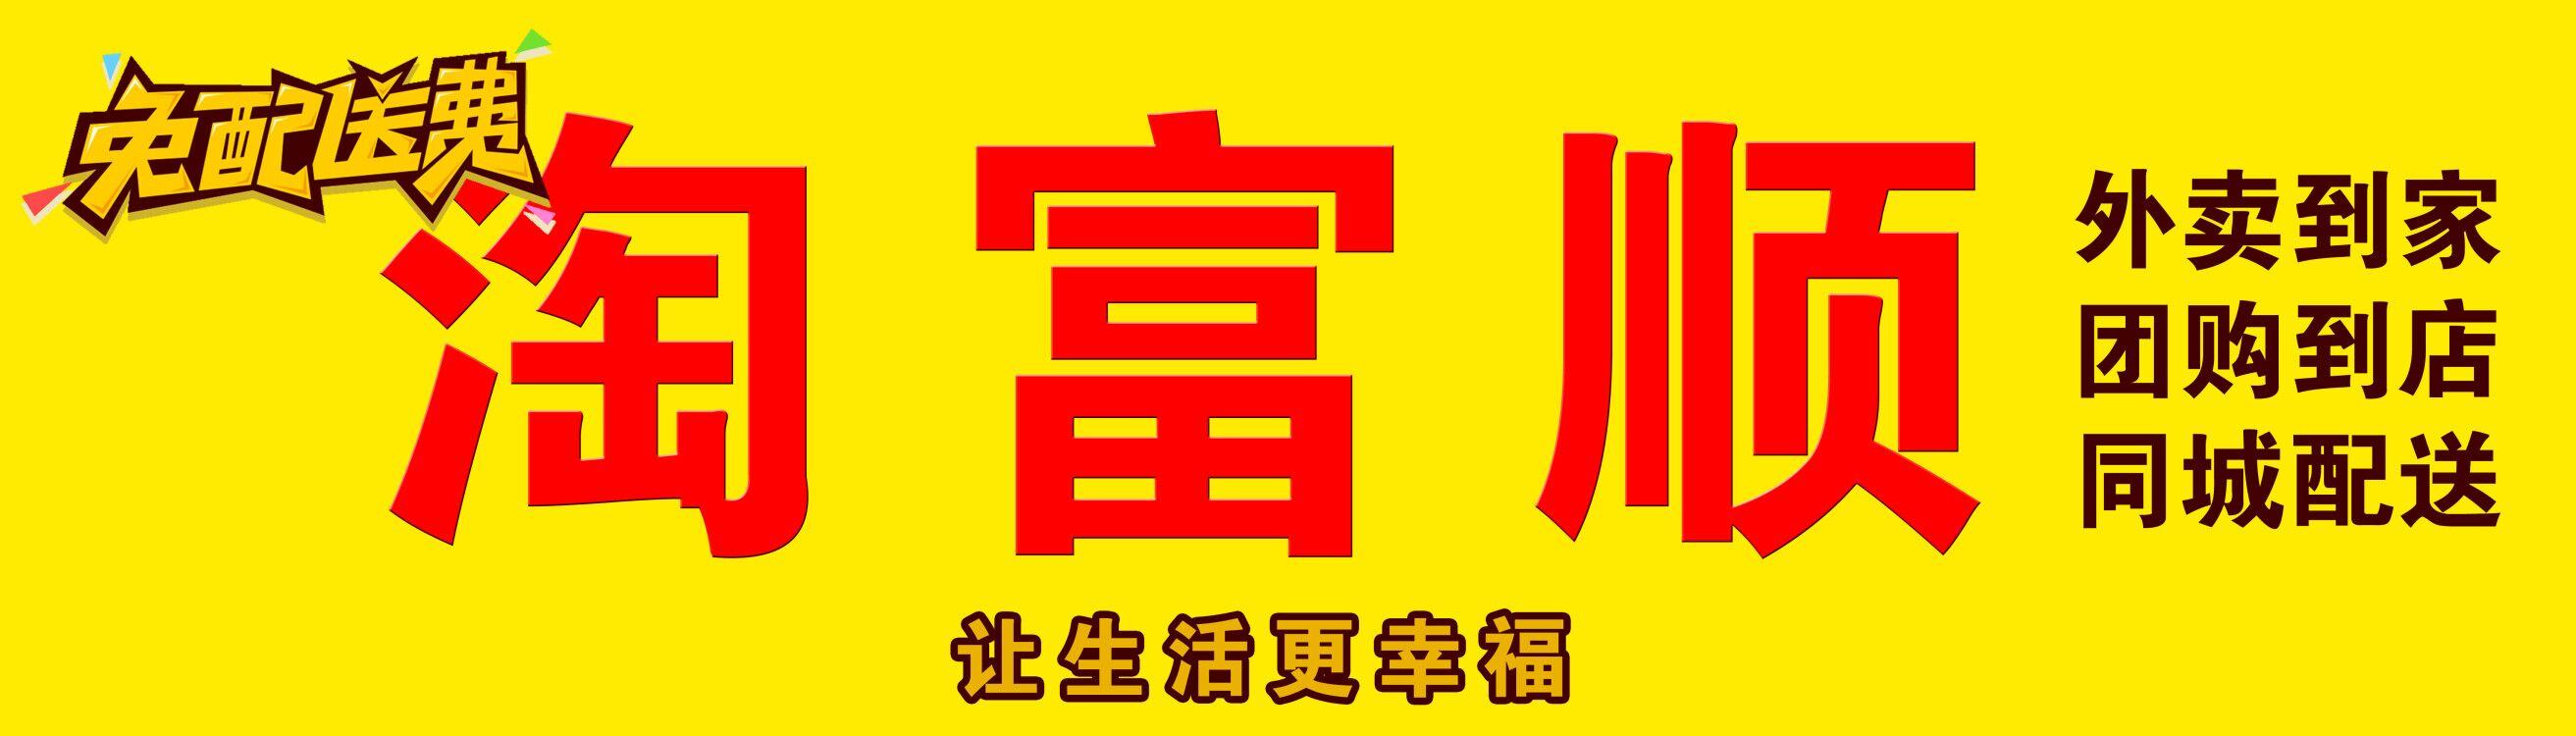 淘台湾快三app下载—官方网址22270.COM顺